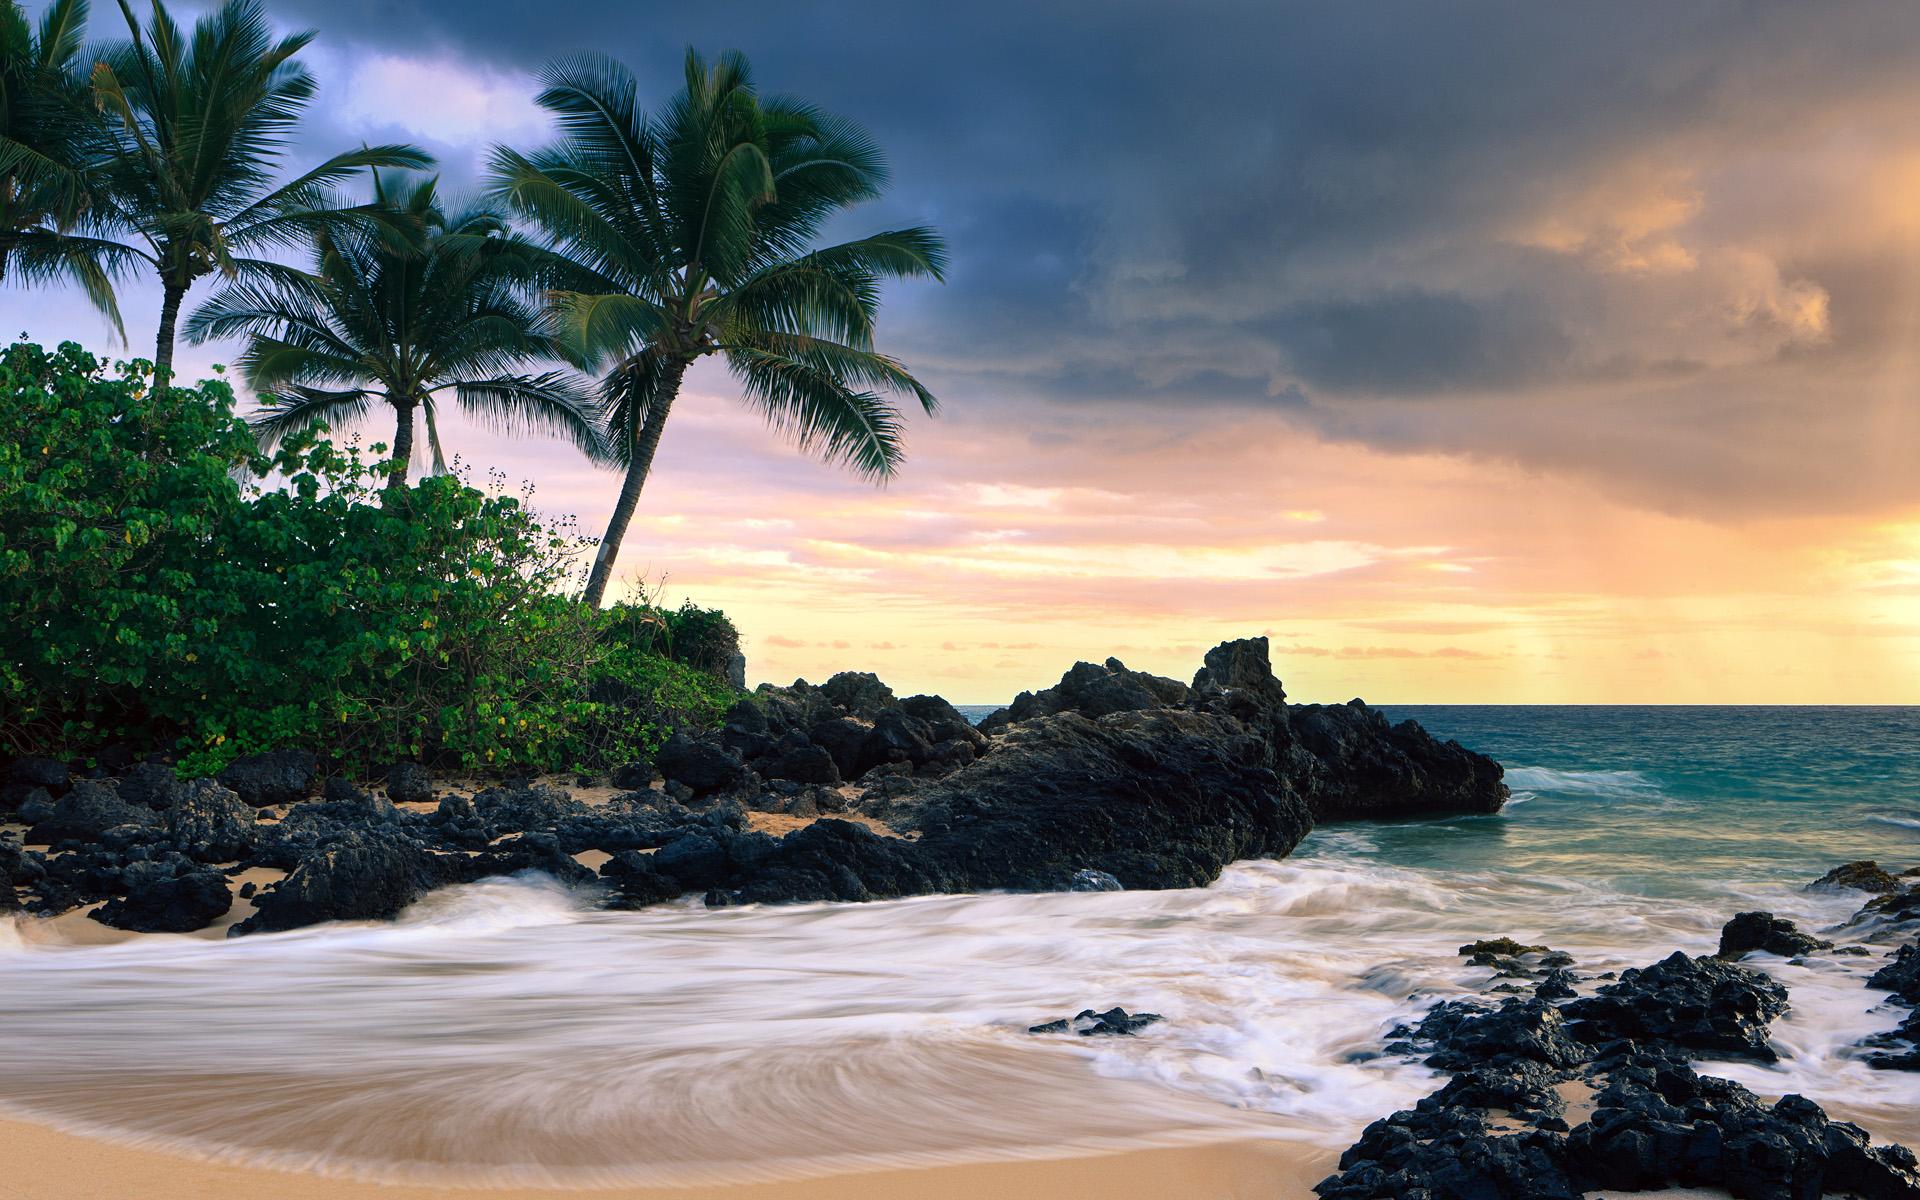 4k hawaii wallpapers for desktop wallpapersafari